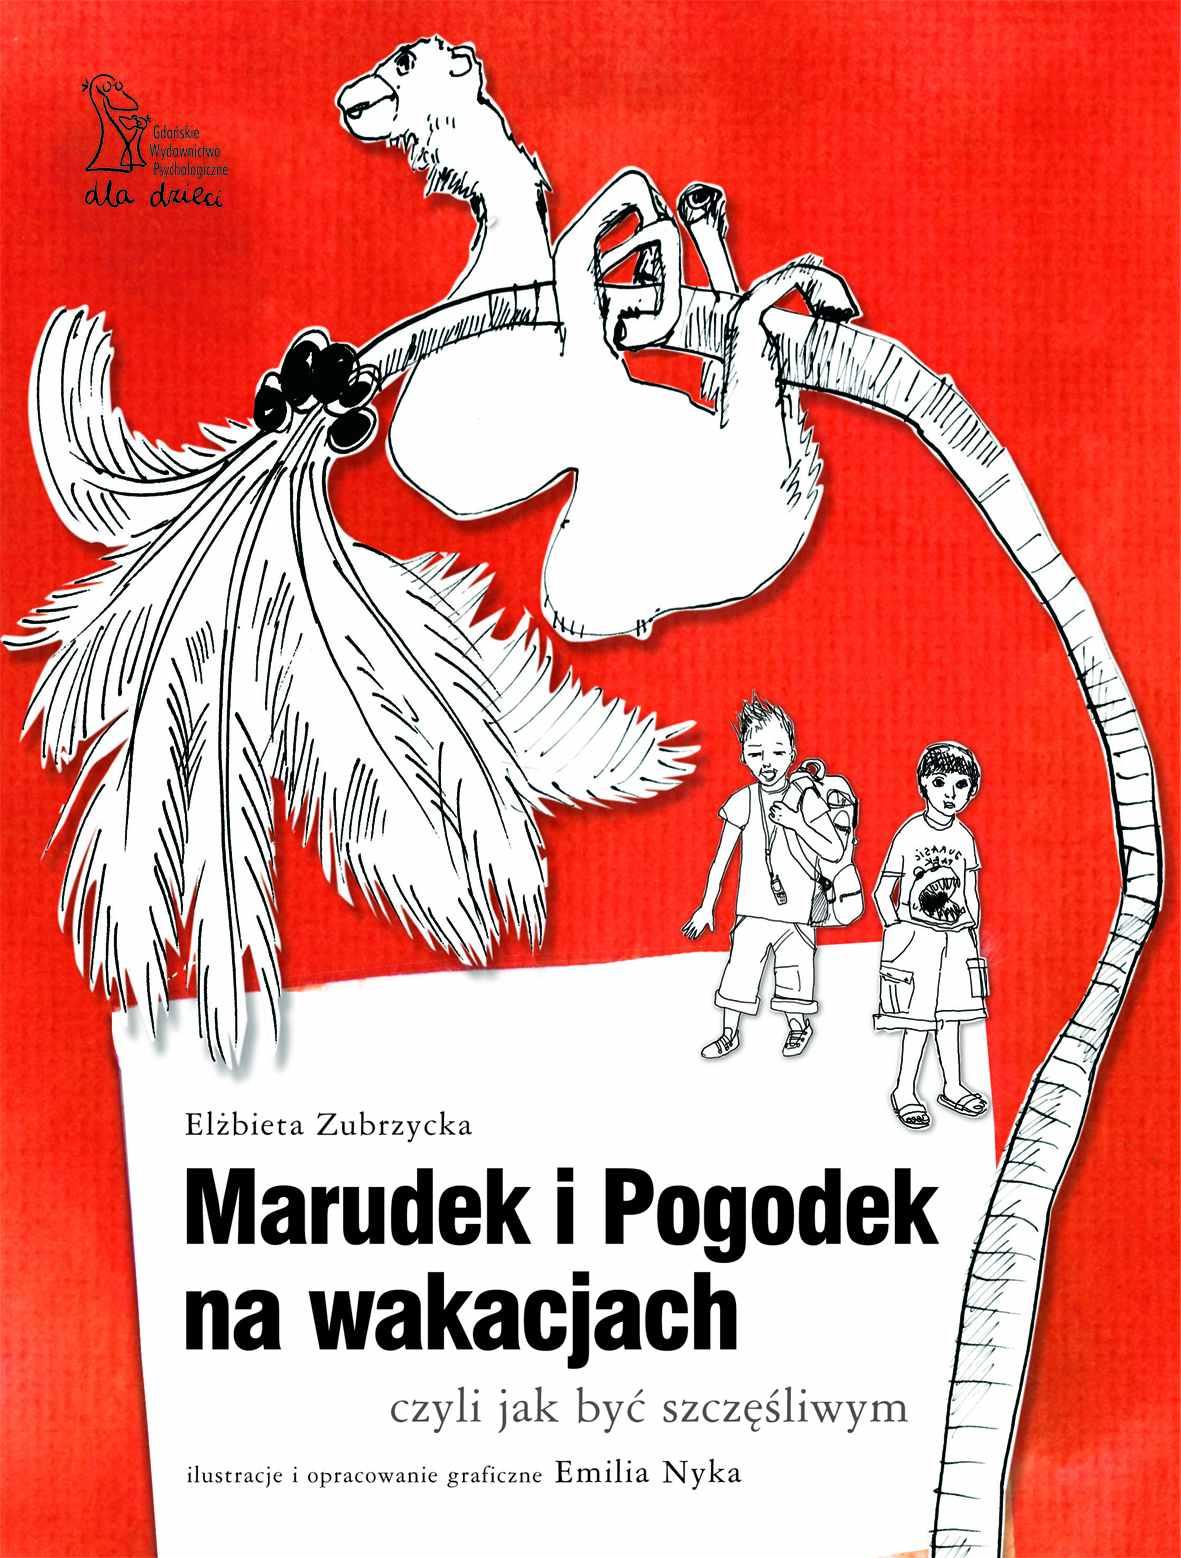 Marudek i Pogodek na wakacjach, czyli jak być szczęśliwym - Ebook (Książka EPUB) do pobrania w formacie EPUB